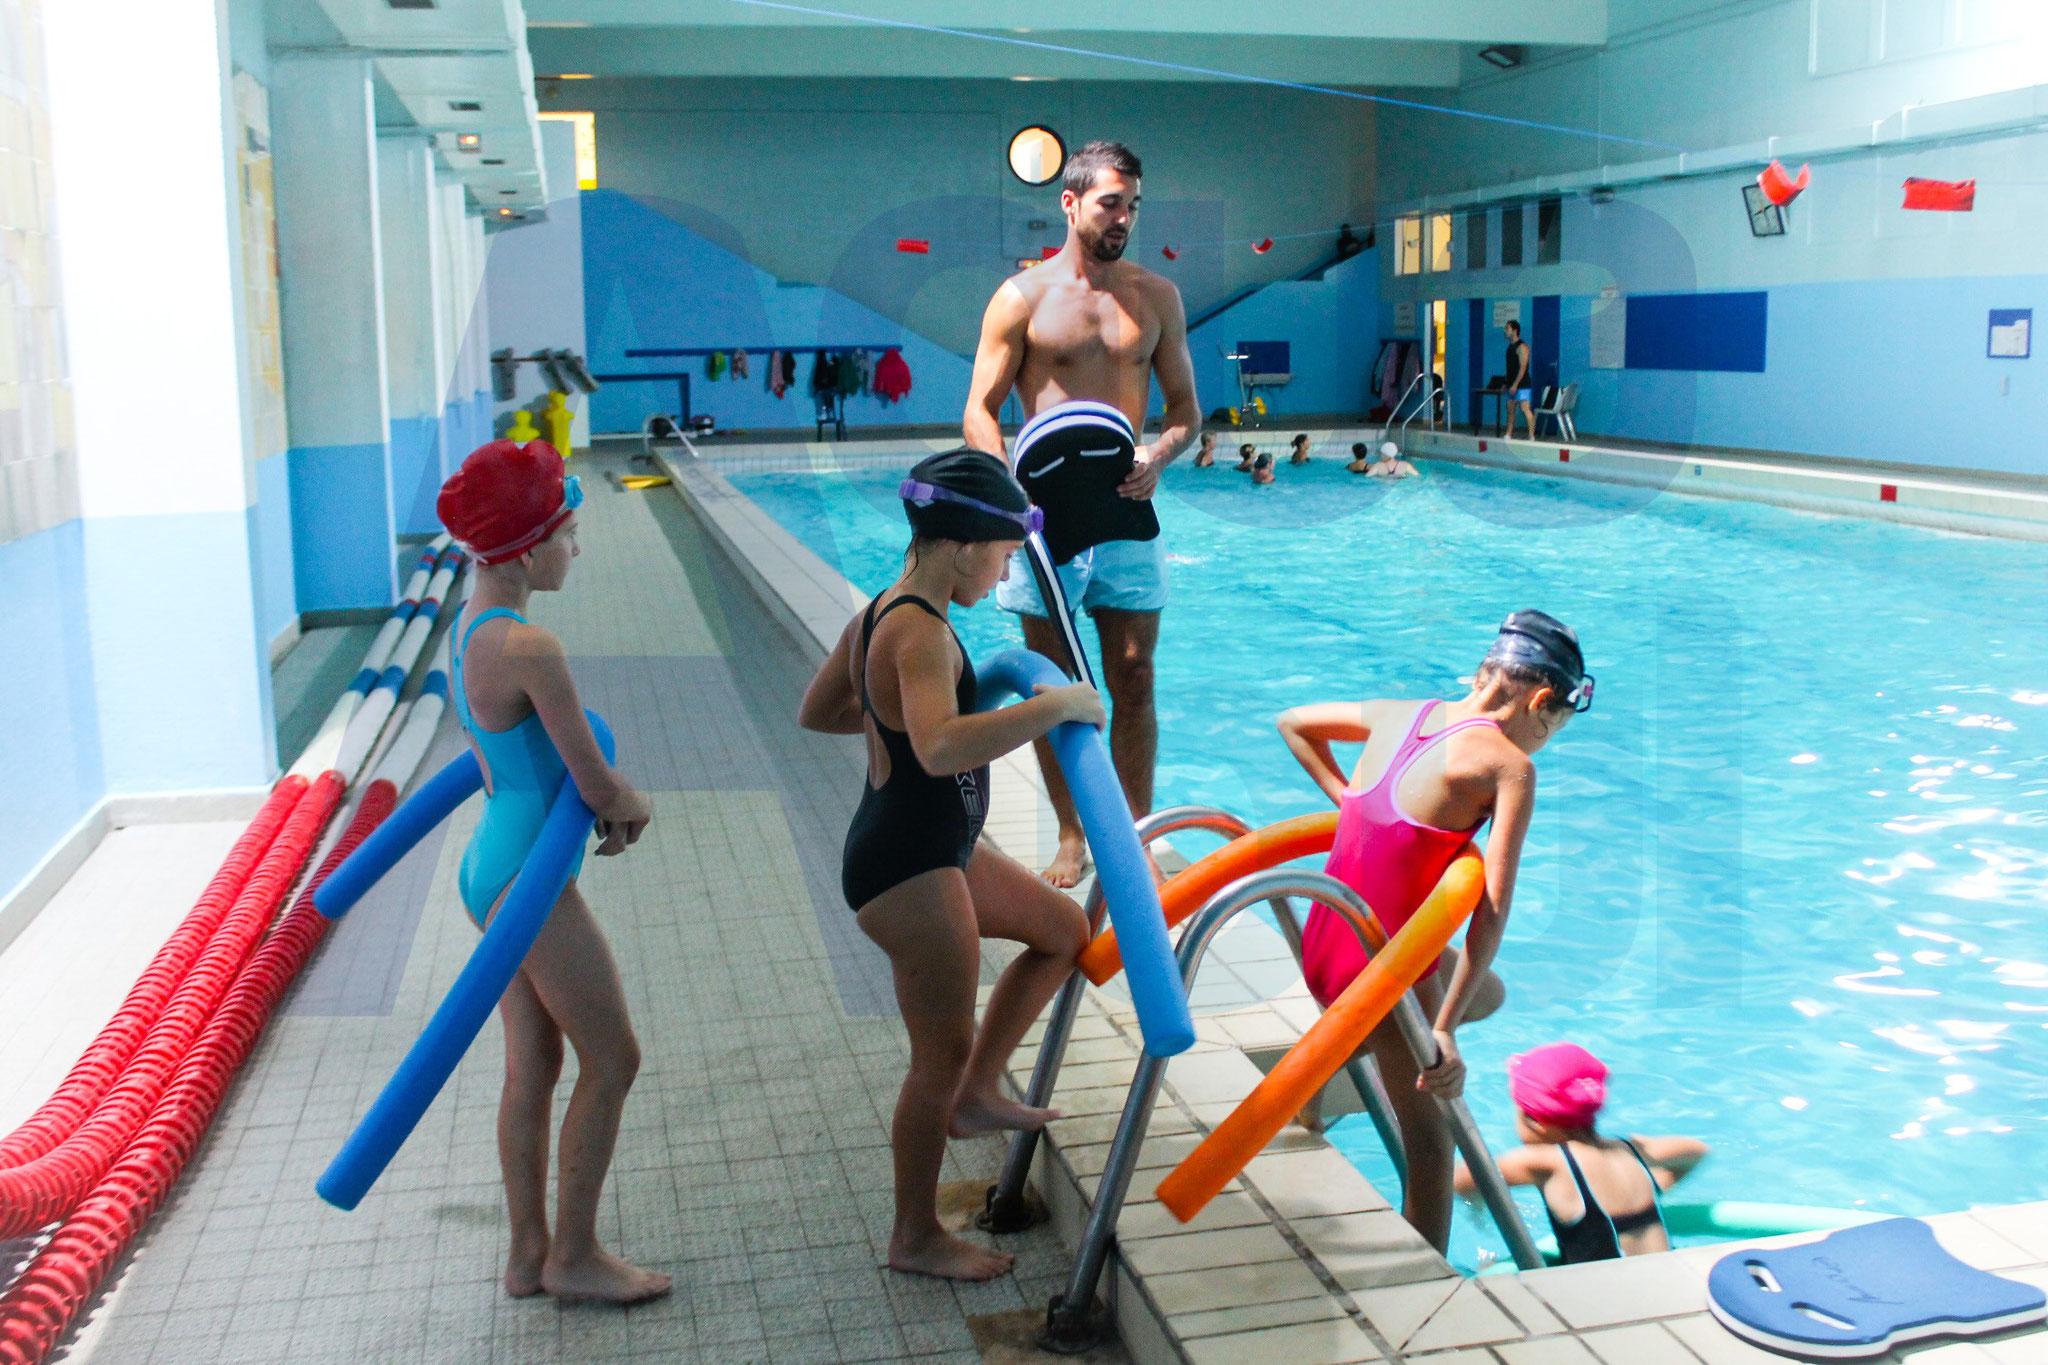 cours de natation enfant - Marseille - Aquabul